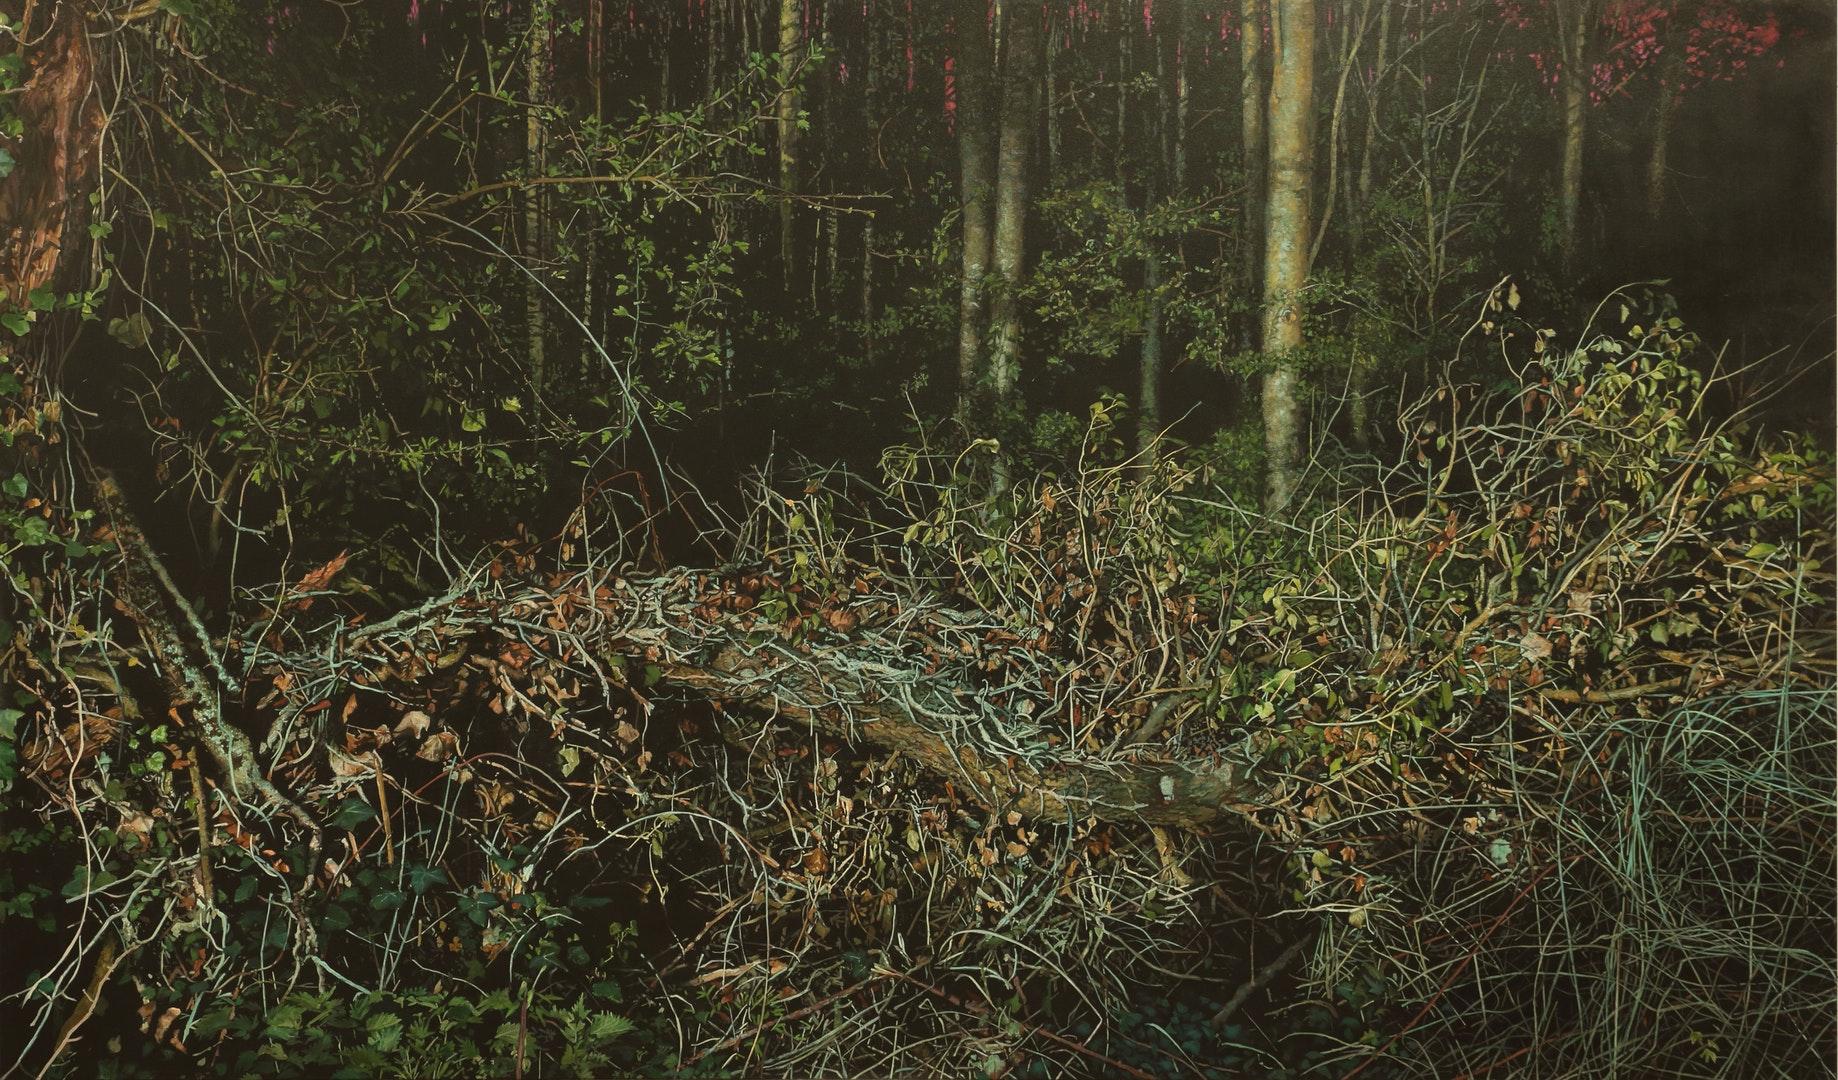 Michael Corkrey  Fallen (II)  Oil on canvas, 130 x 220 x 3.2 cm  http://www.michaelcorkrey.com